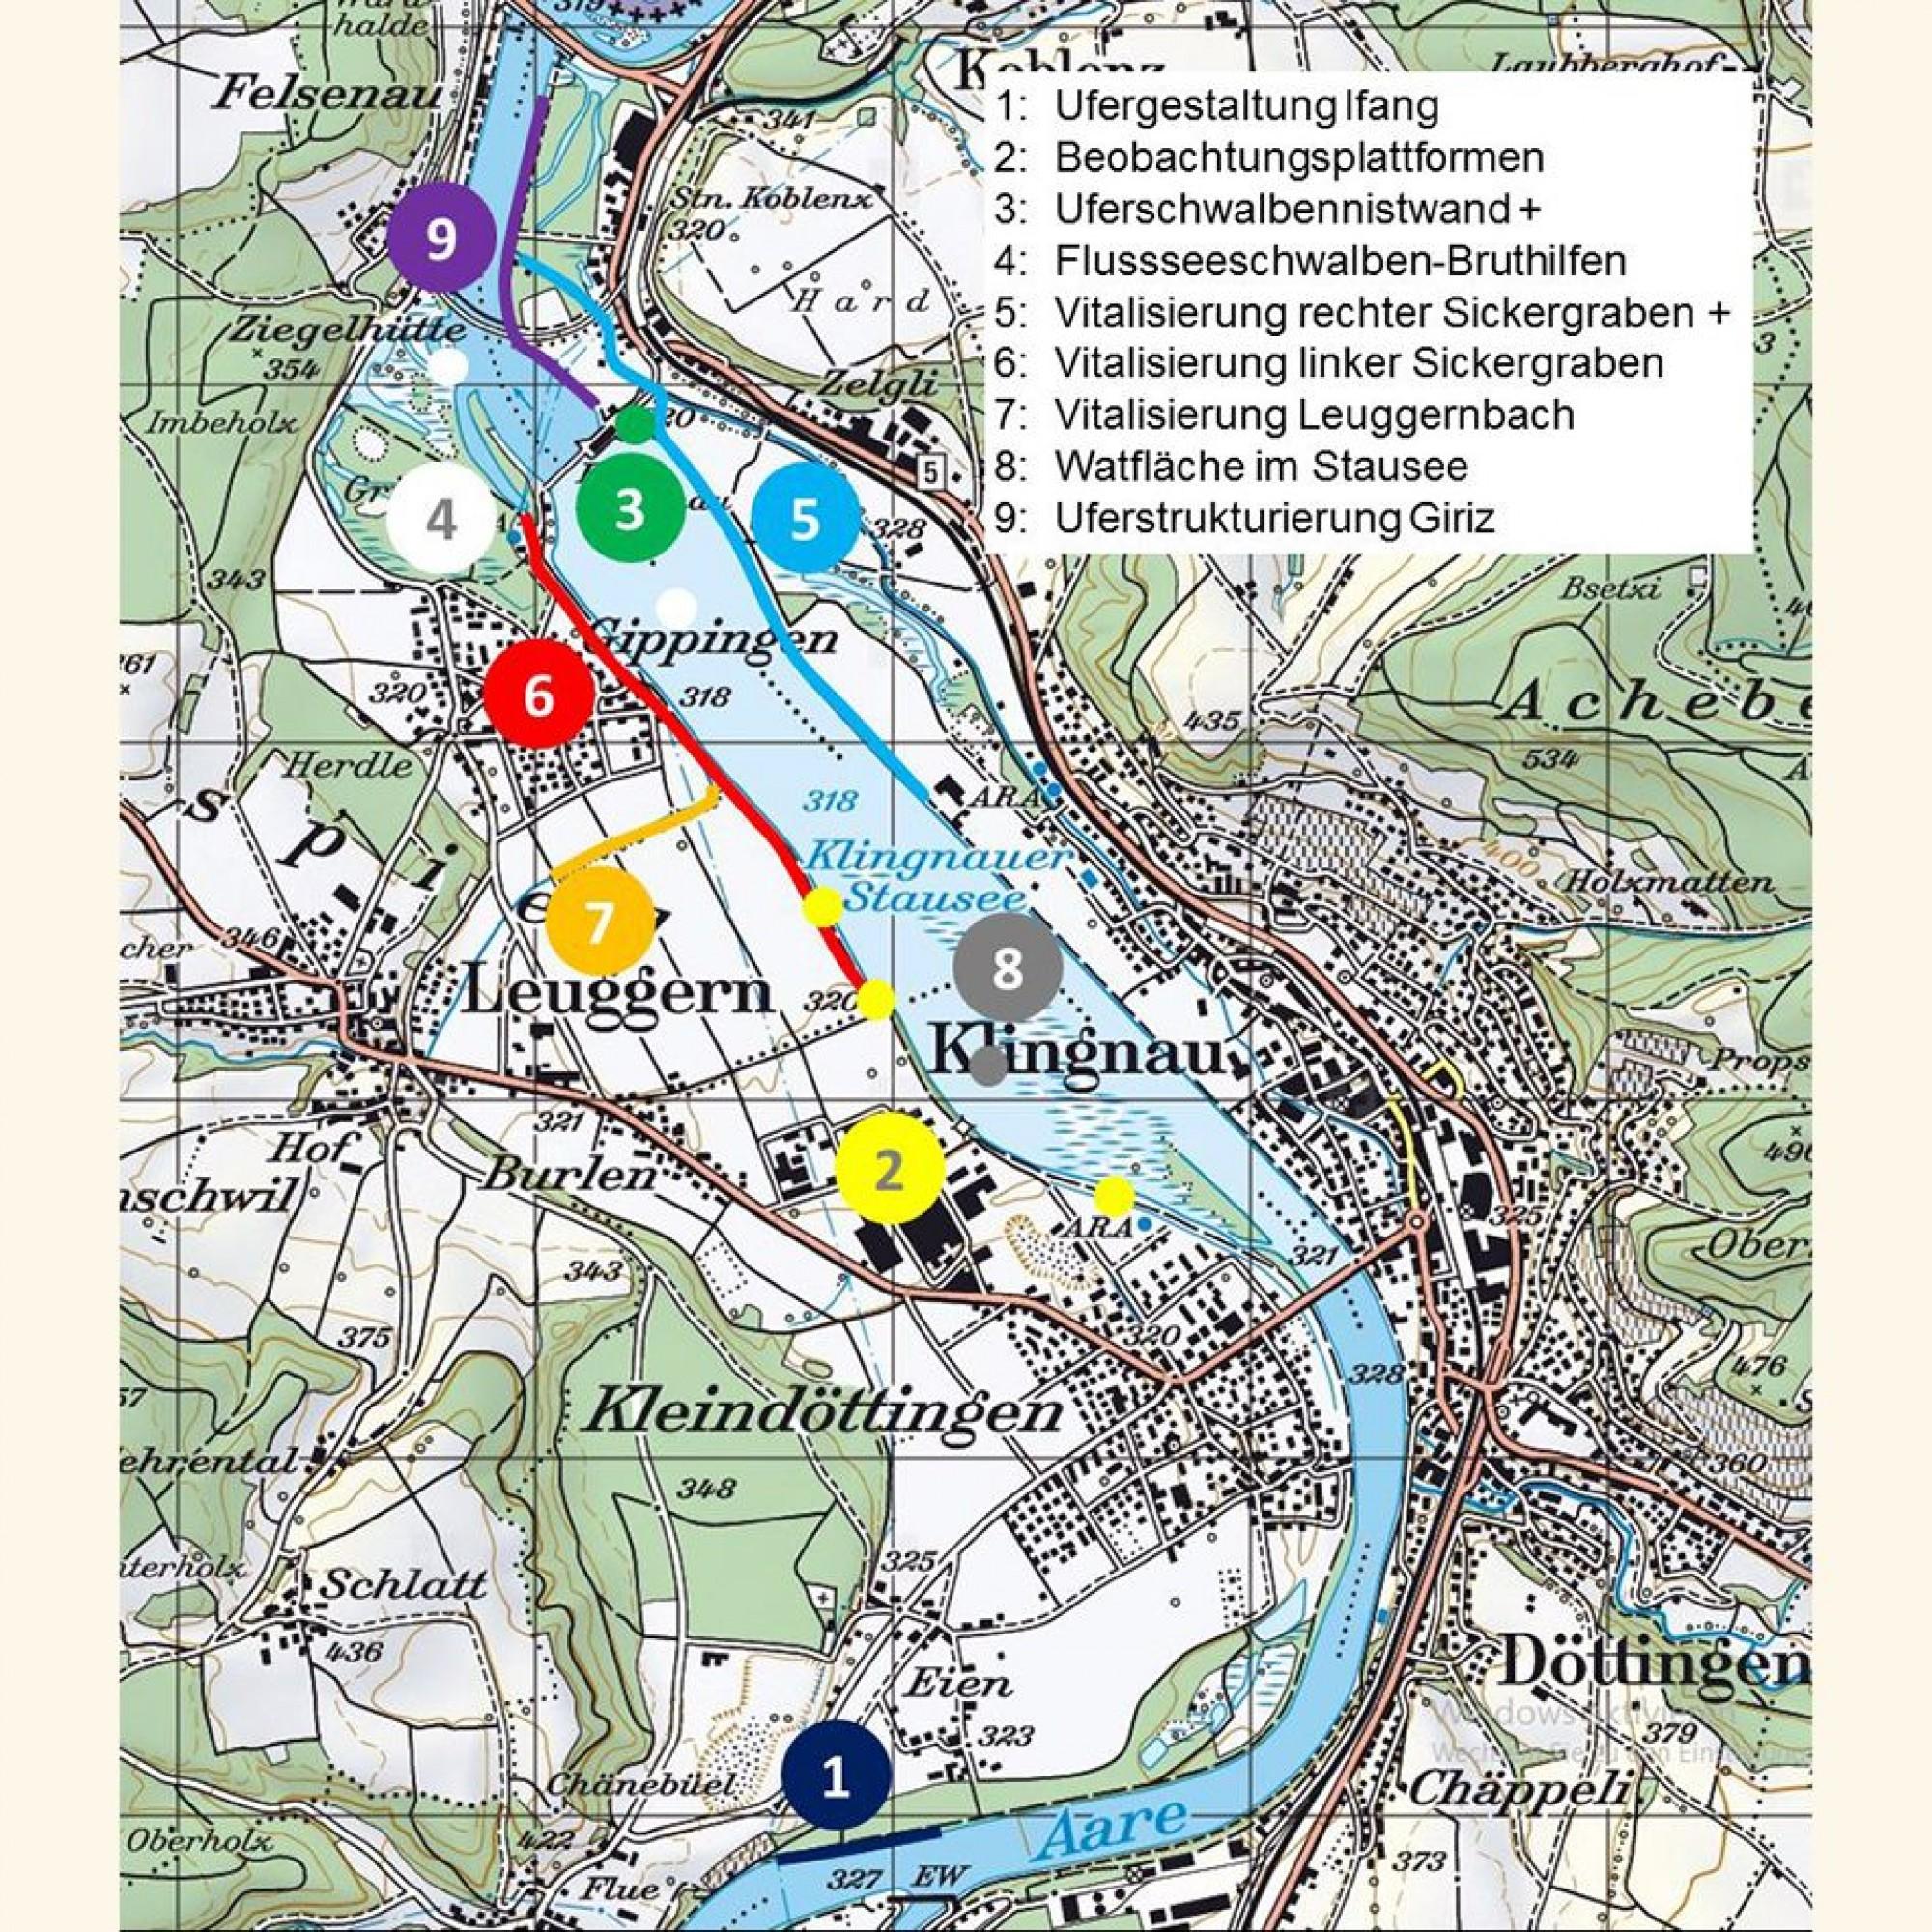 Grafik Klingnauer Stausee